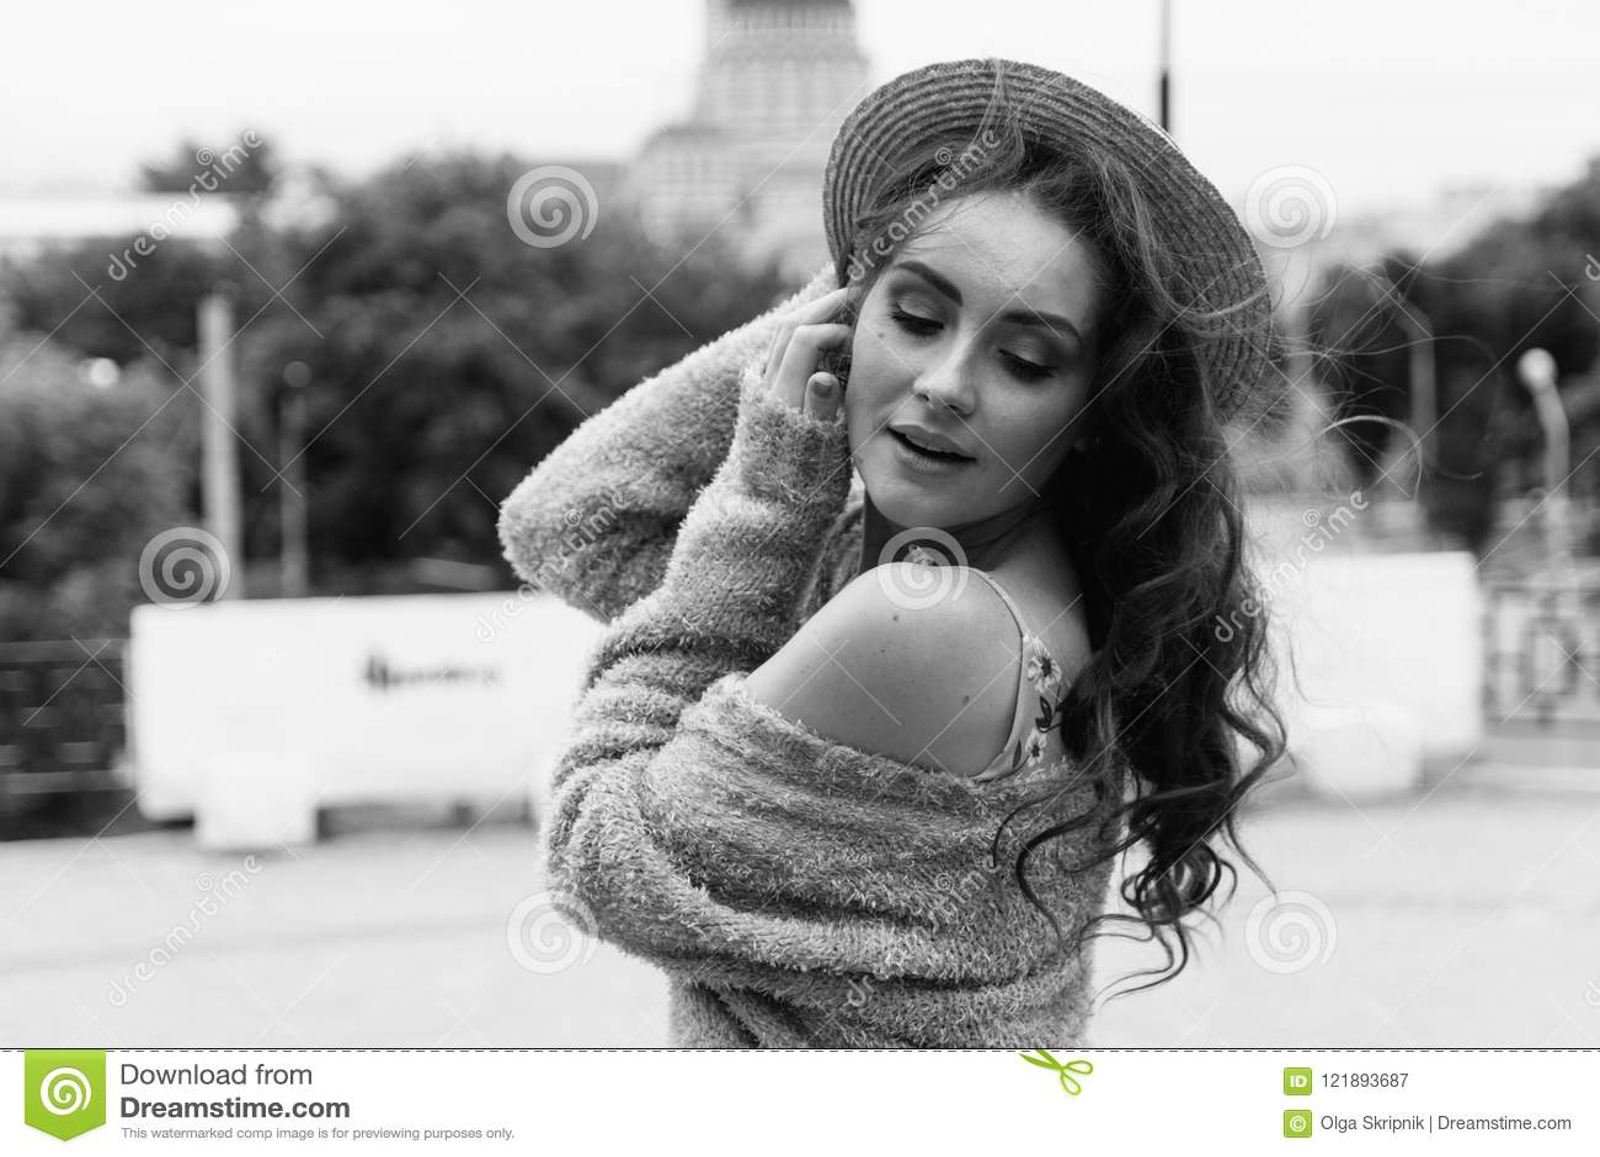 портрет красивая девушка в шляпе, сидит на утилях держит волосы от ветра Прогулка вокруг города портрет рыжеволосого g